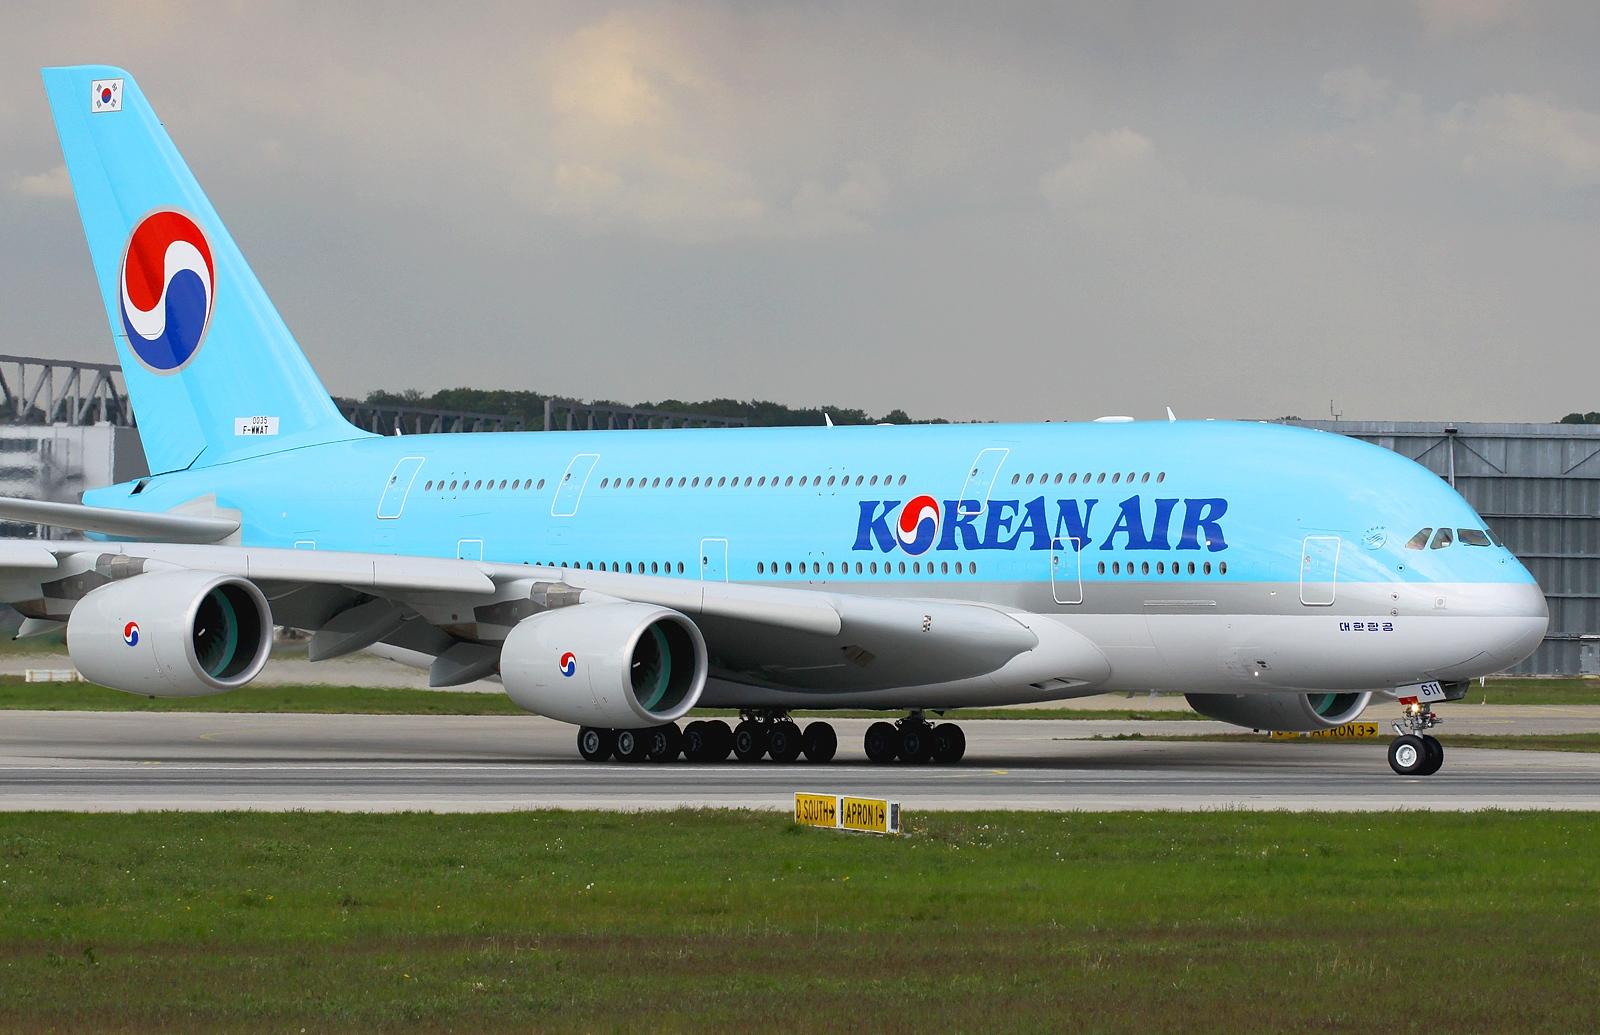 http://2.bp.blogspot.com/-c19exO6G9E0/TqdEv-Jq6gI/AAAAAAAAGec/4FUJEyN65u0/s1600/a380korean_high.jpg